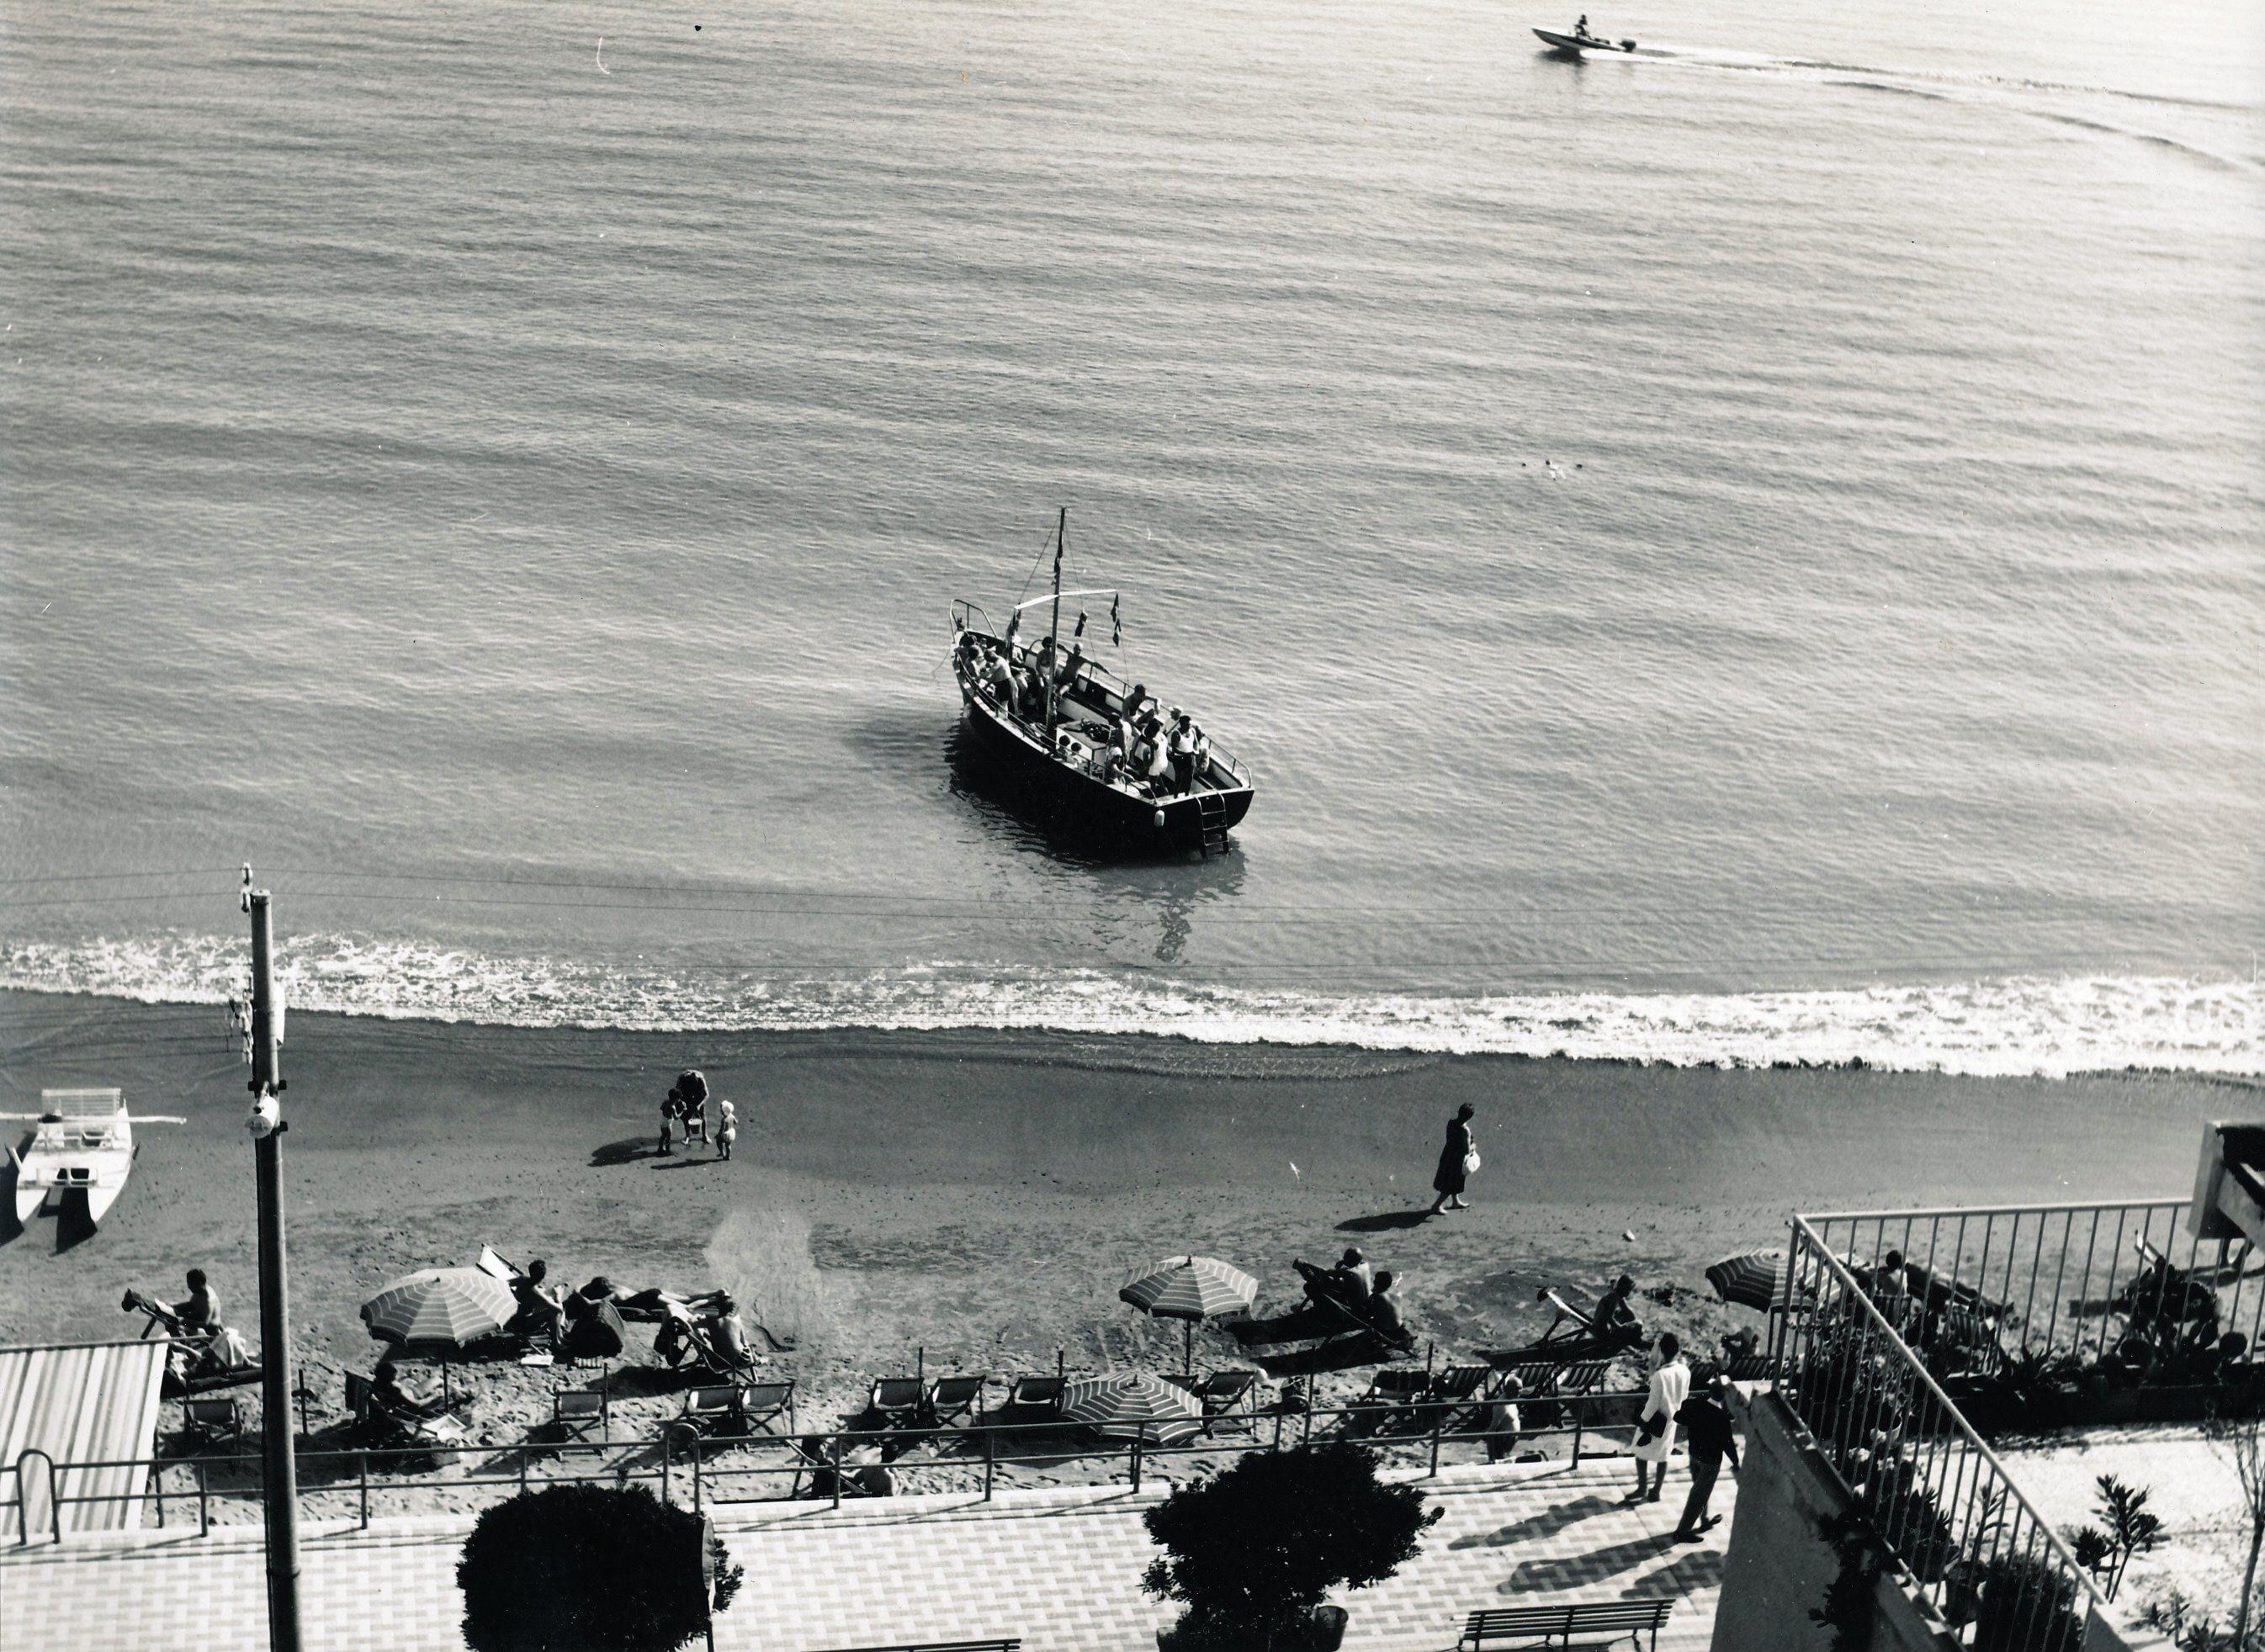 La spiaggia di Laigueglia / Laigueglia beach (anni 1950 ...